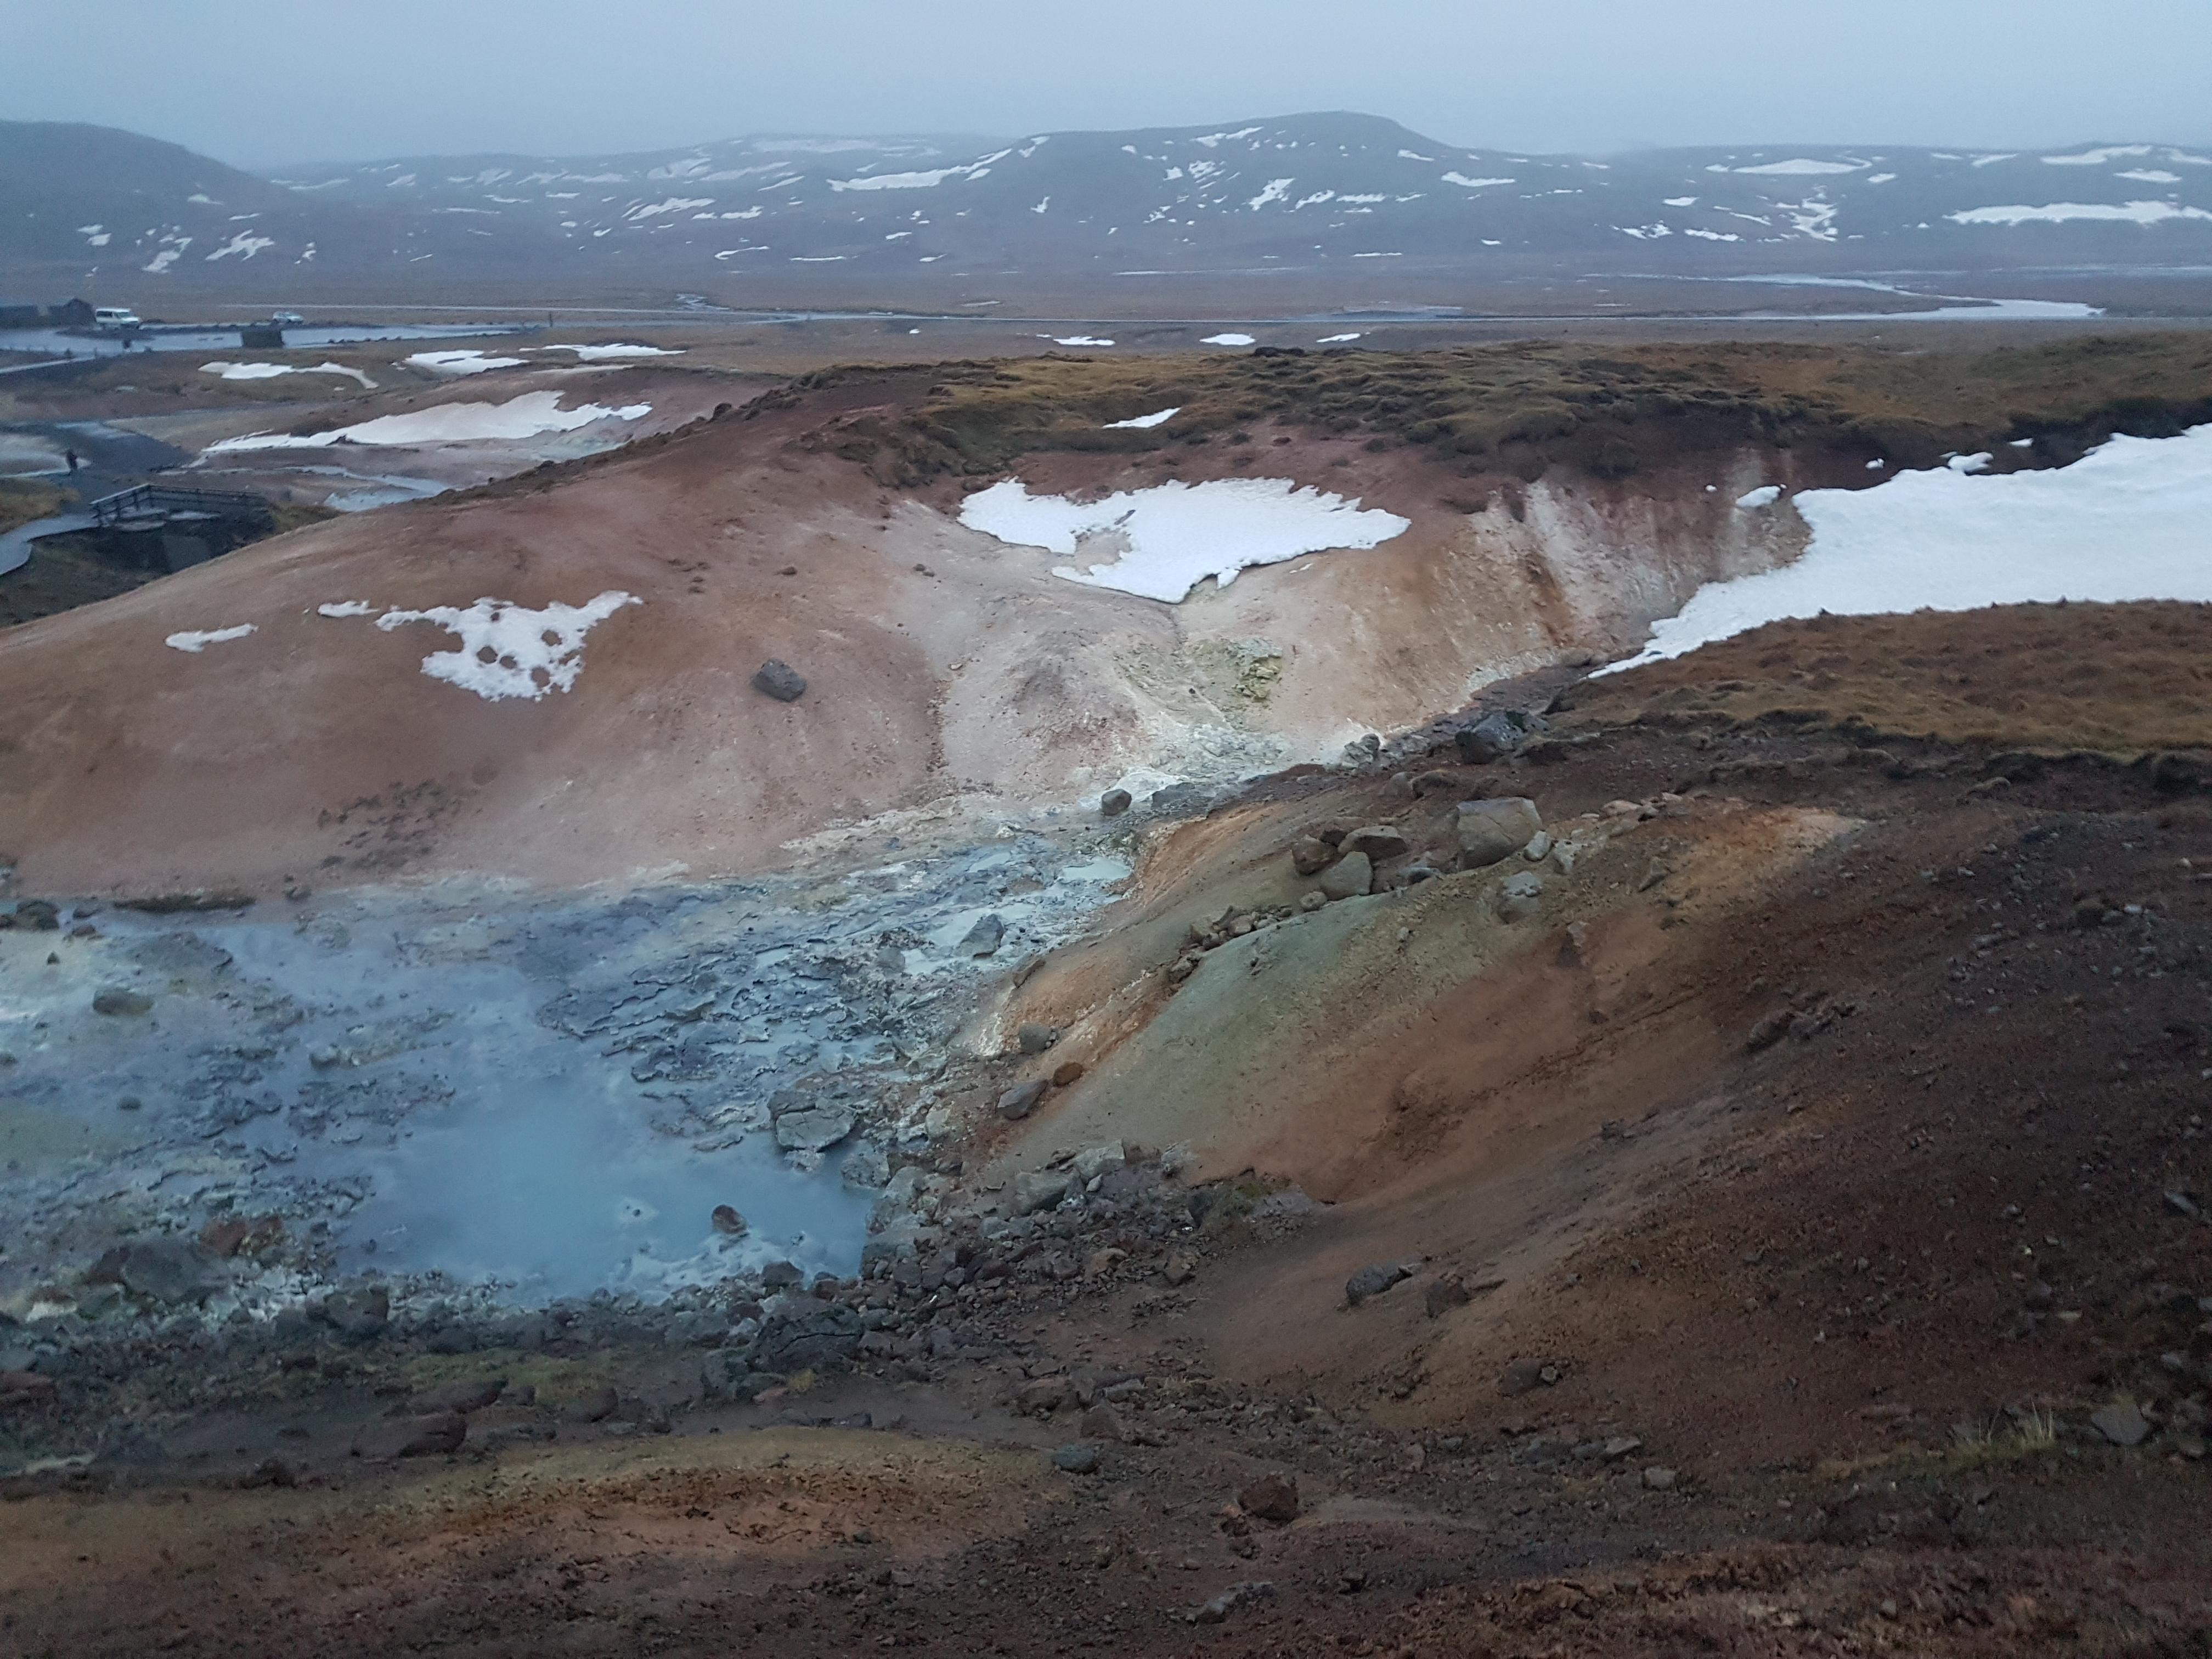 Islande boue bouillonnante 2